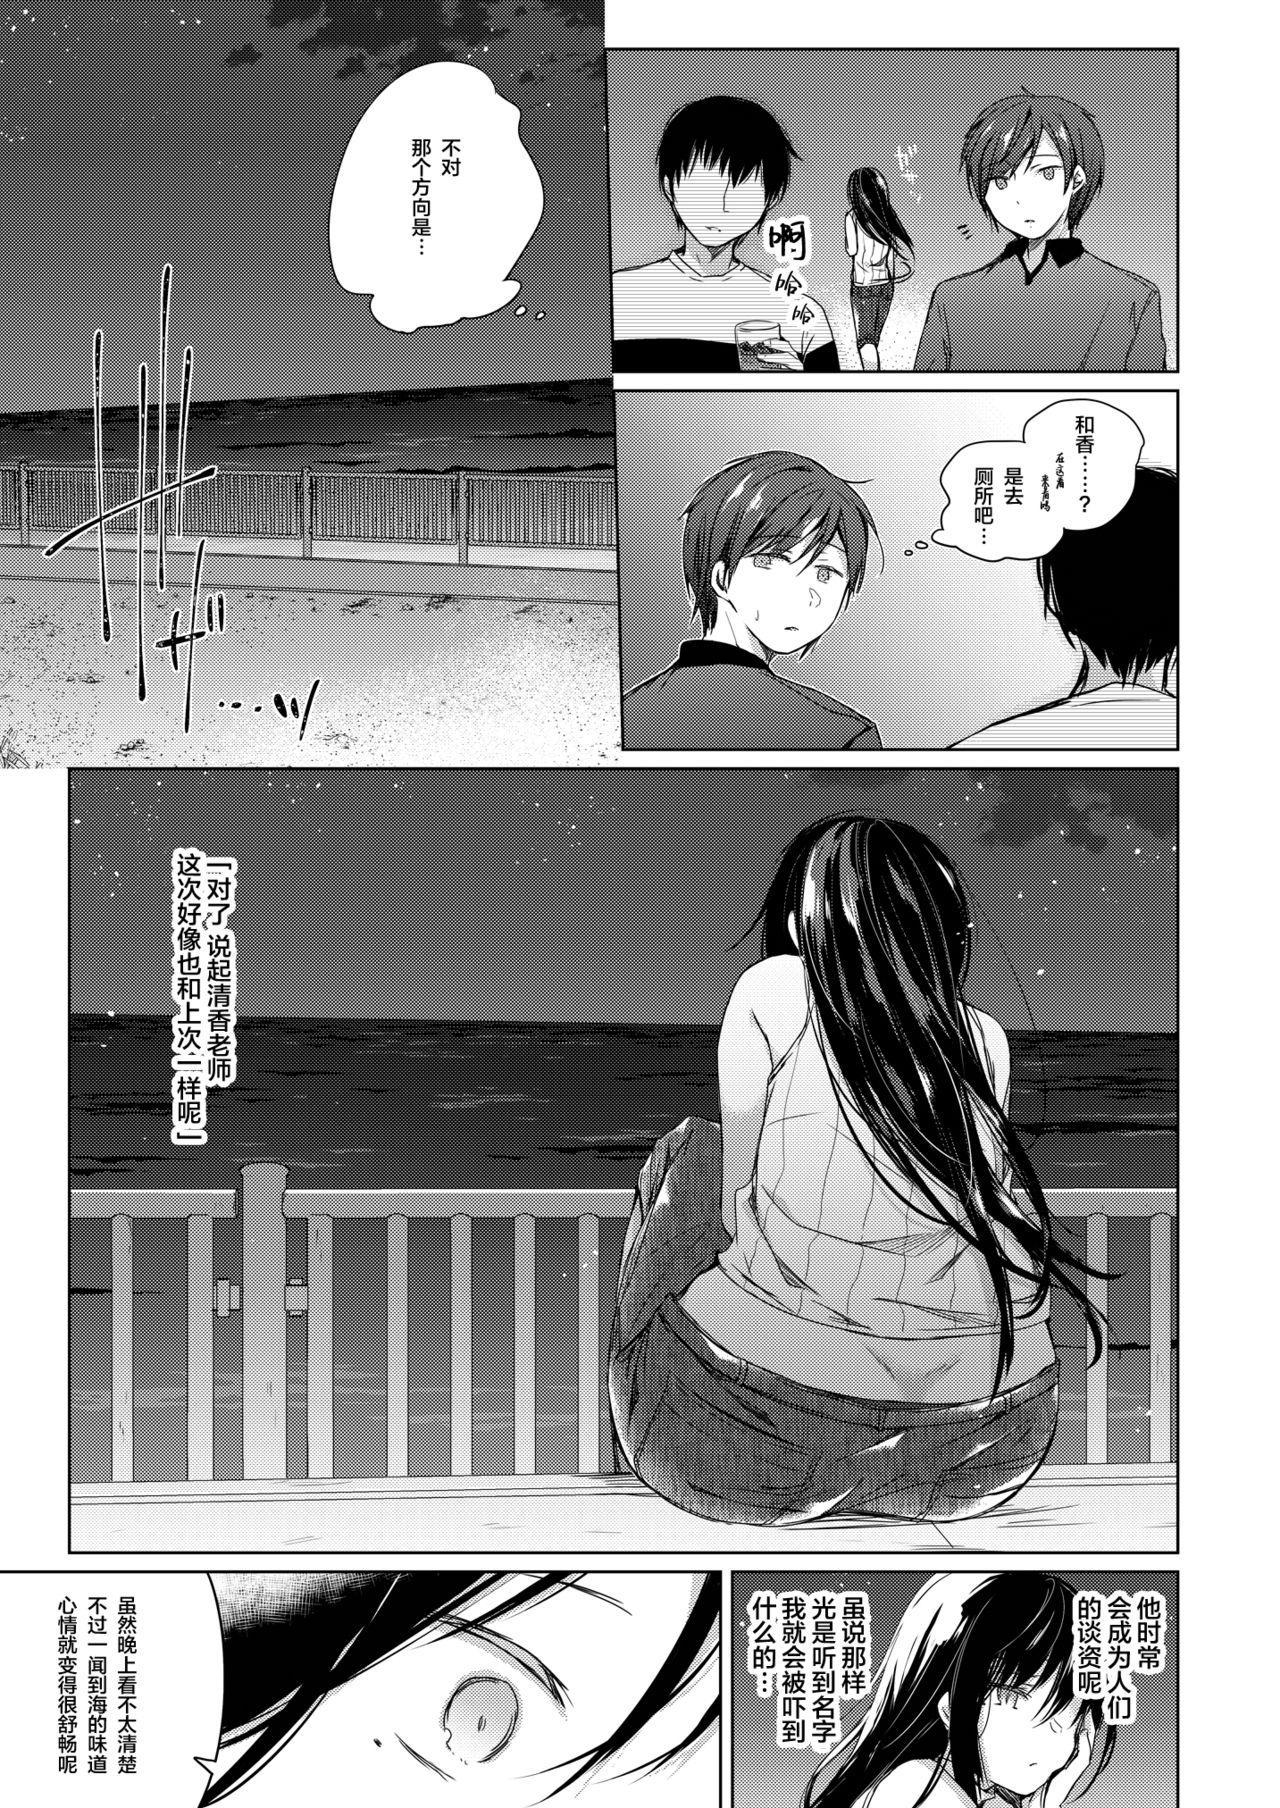 Ero Doujin Sakka no Boku no Kanojo wa Uwaki nante Shinai. 3 - She will never let me down. 14